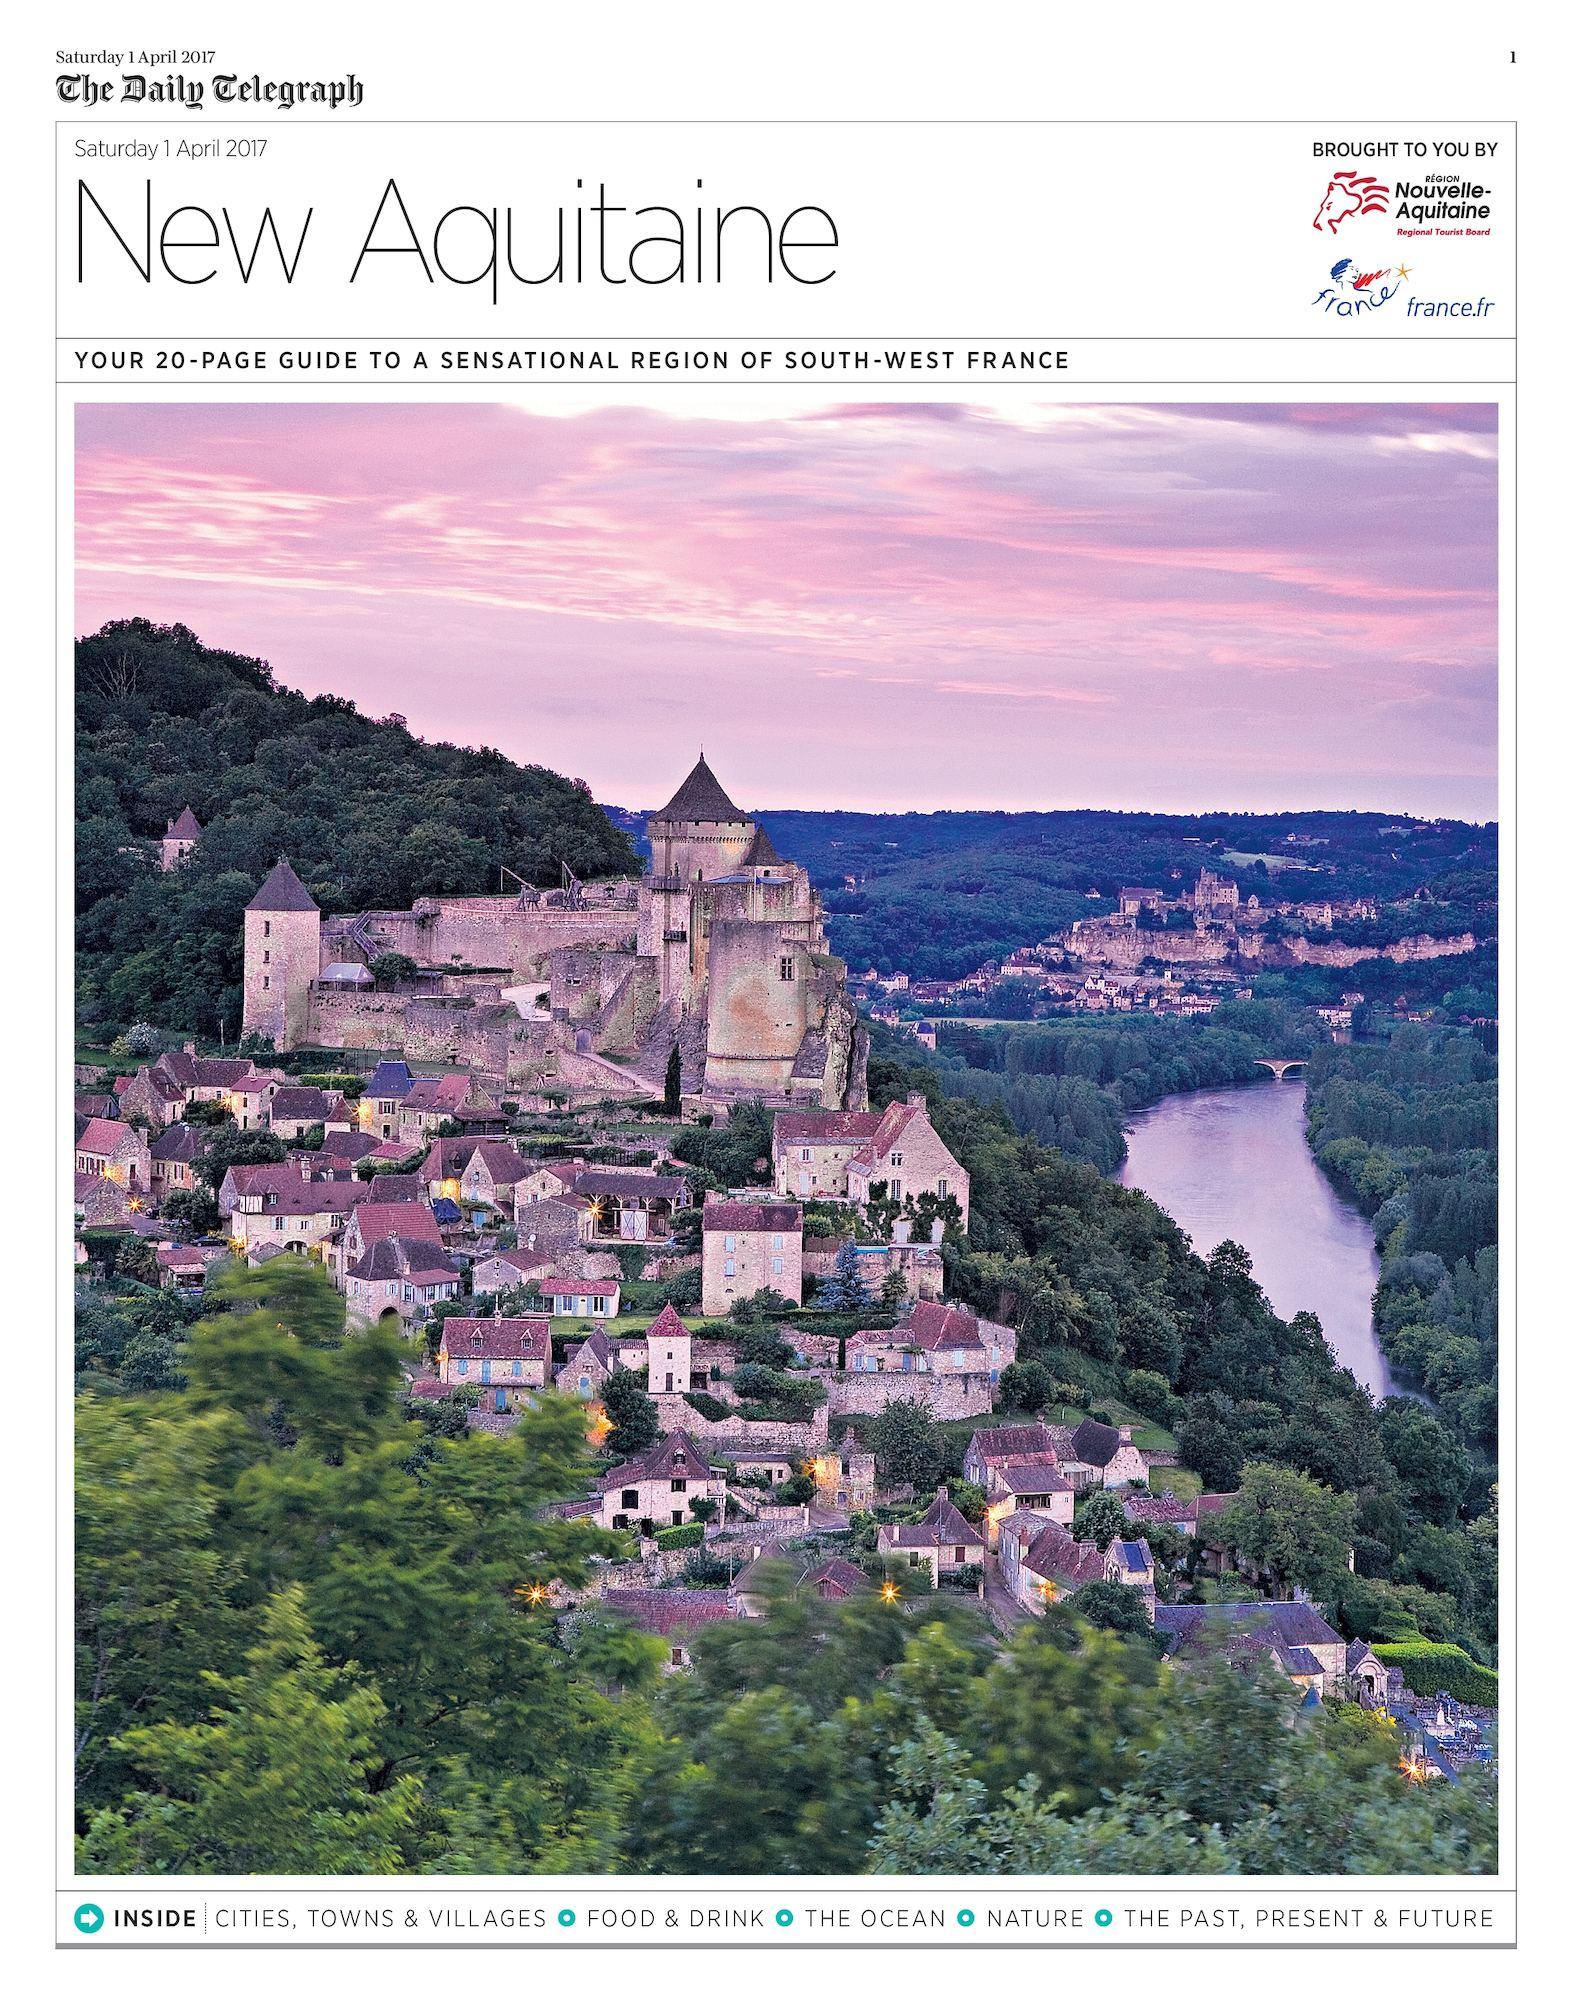 Calaméo - Supplément Nouvelle Aquitaine - Saturday Telegraph destiné Nouvelle Region France